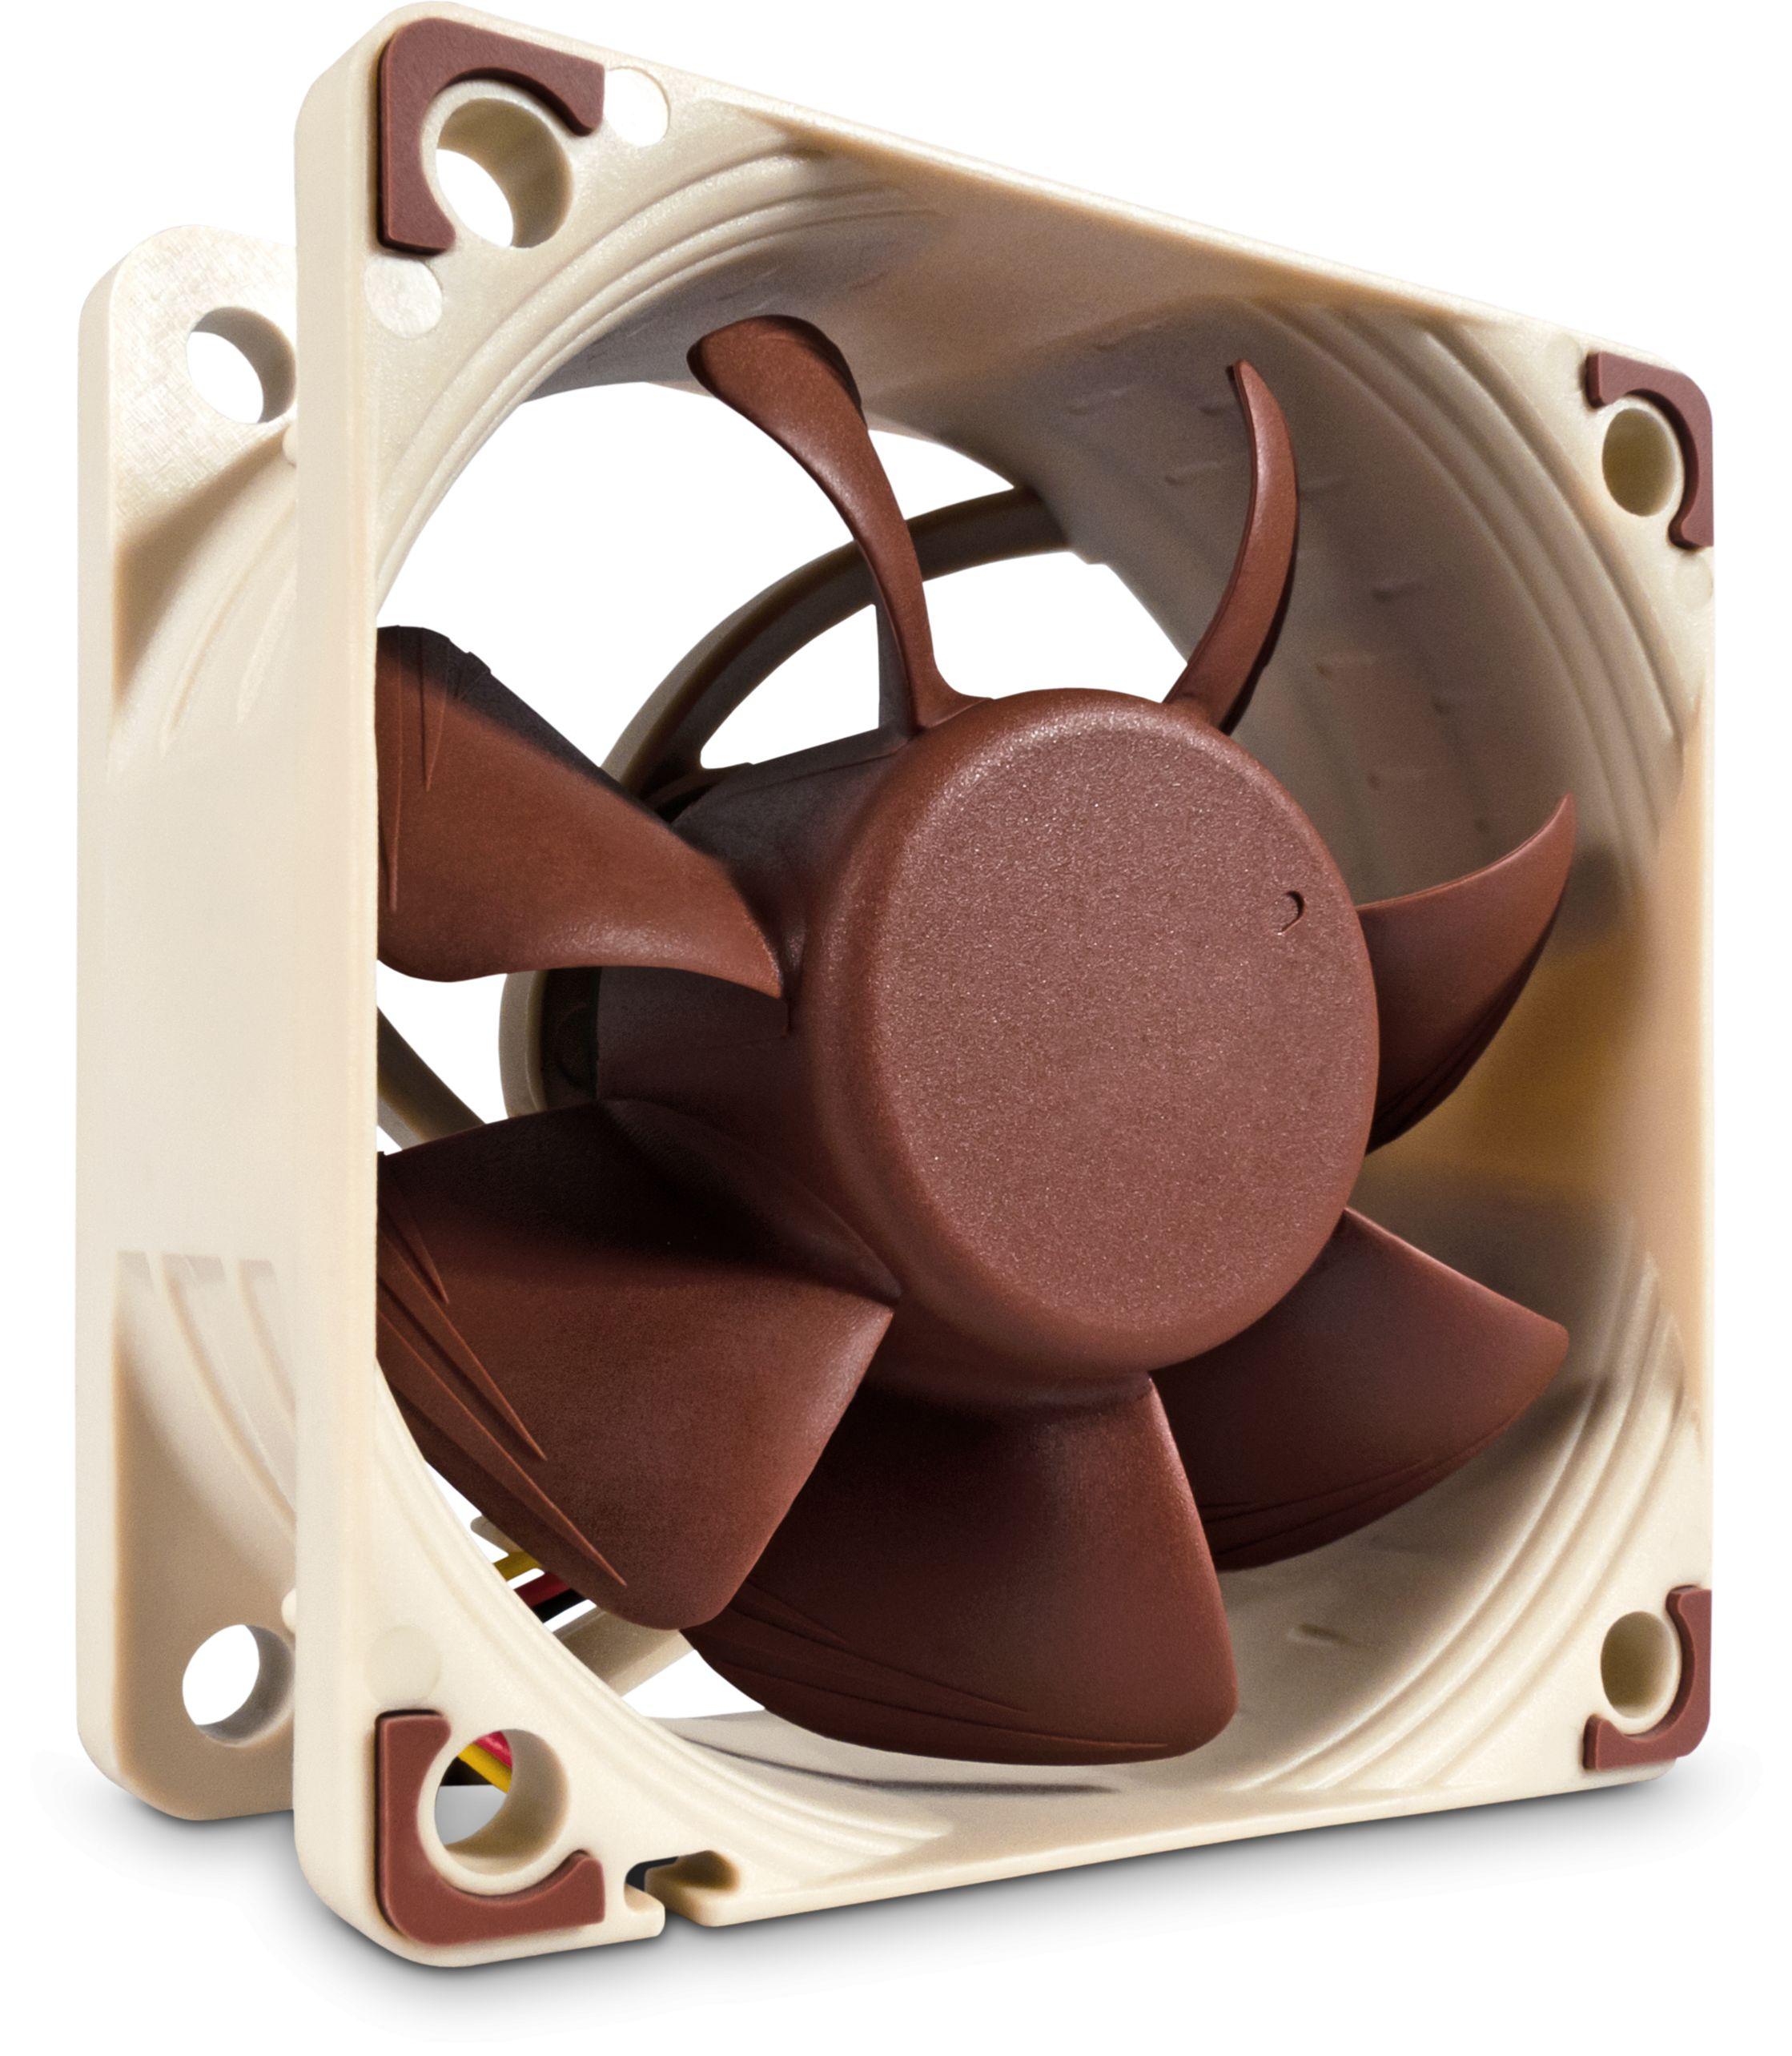 Nf A6x25 Flx 60mm Low Noise Fan